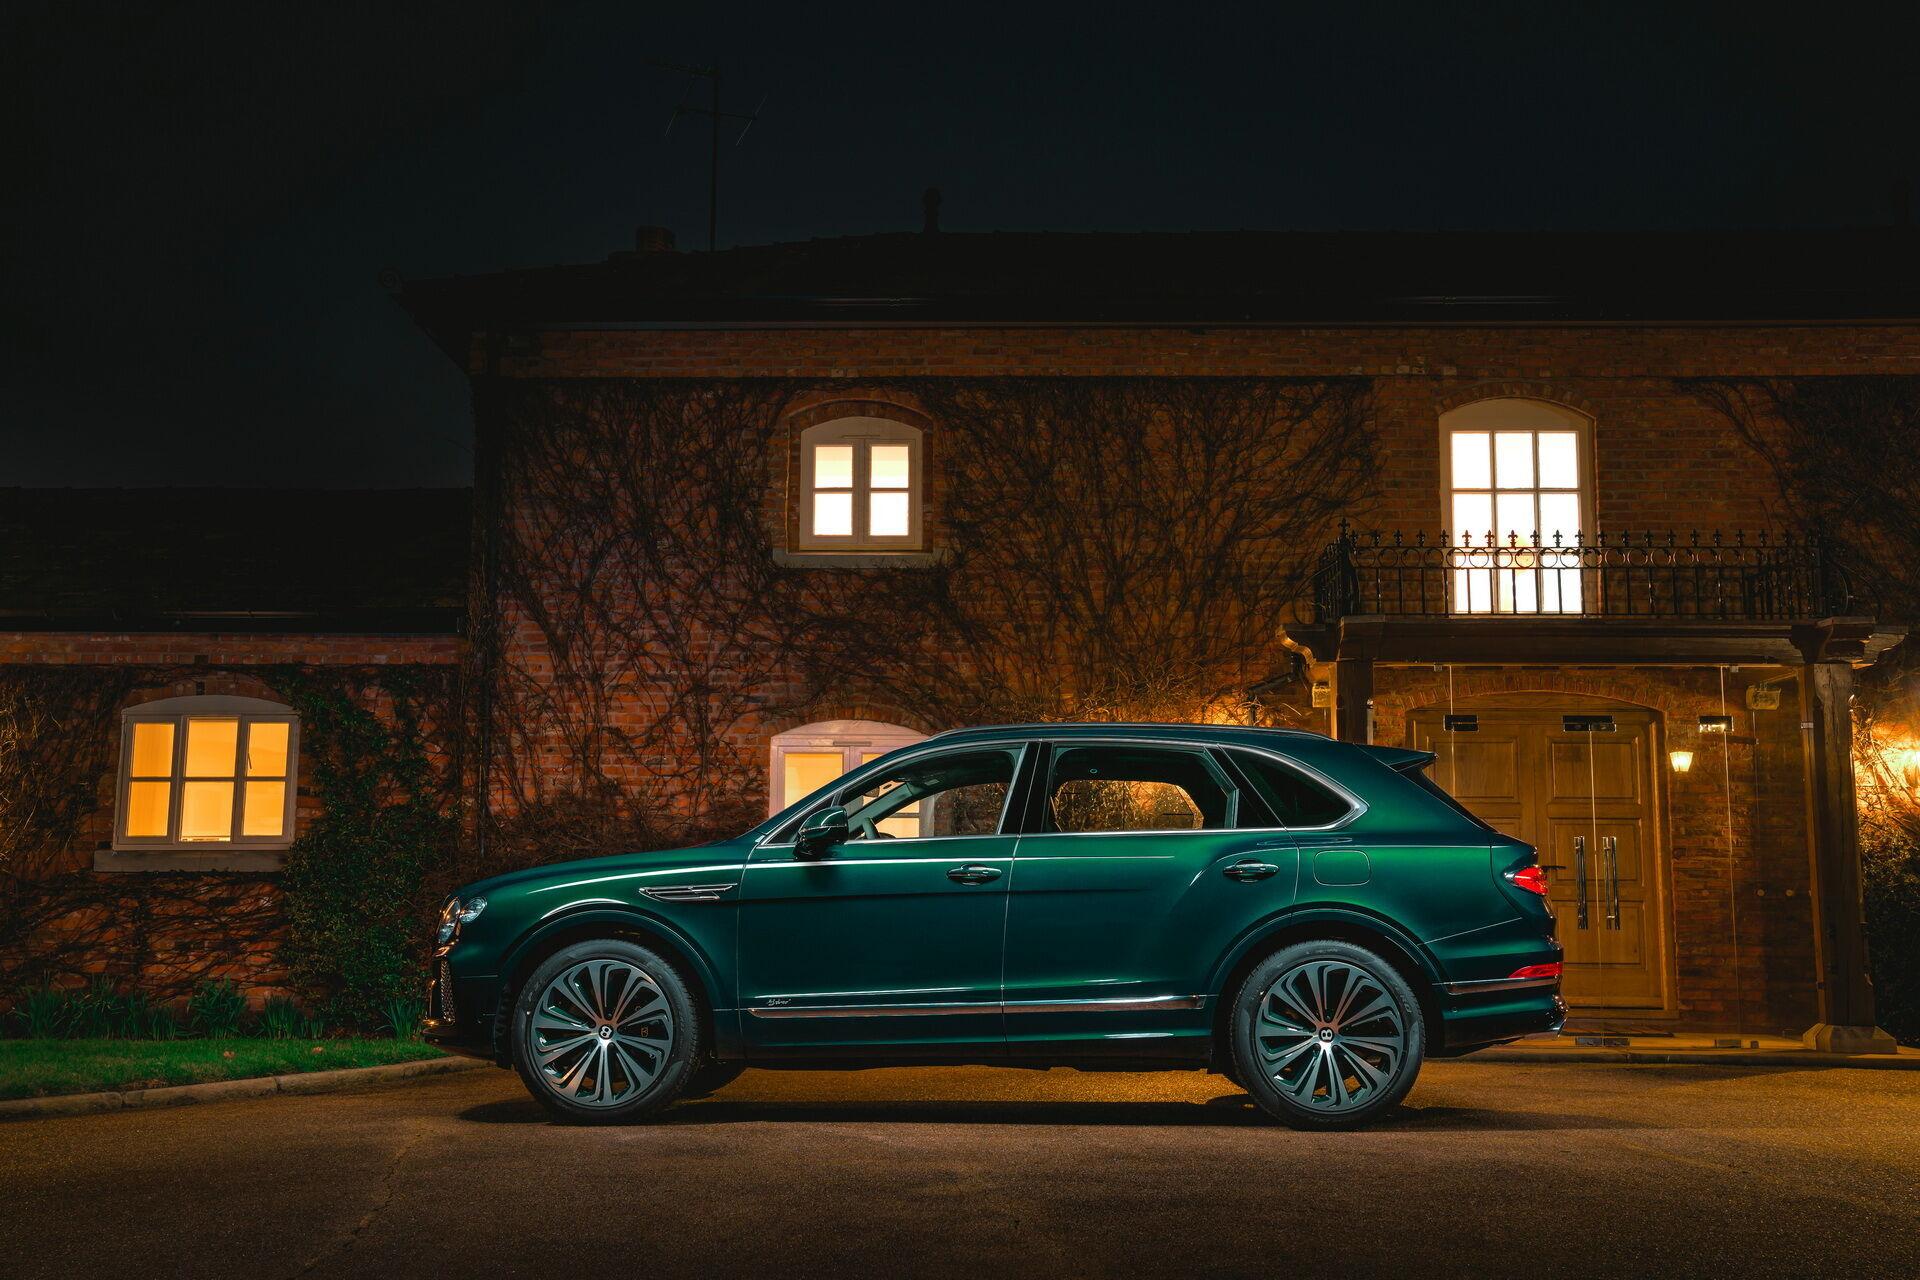 Внешне автомобиль окрашен эмалью насыщенного оттенка зеленого цвета Viridian